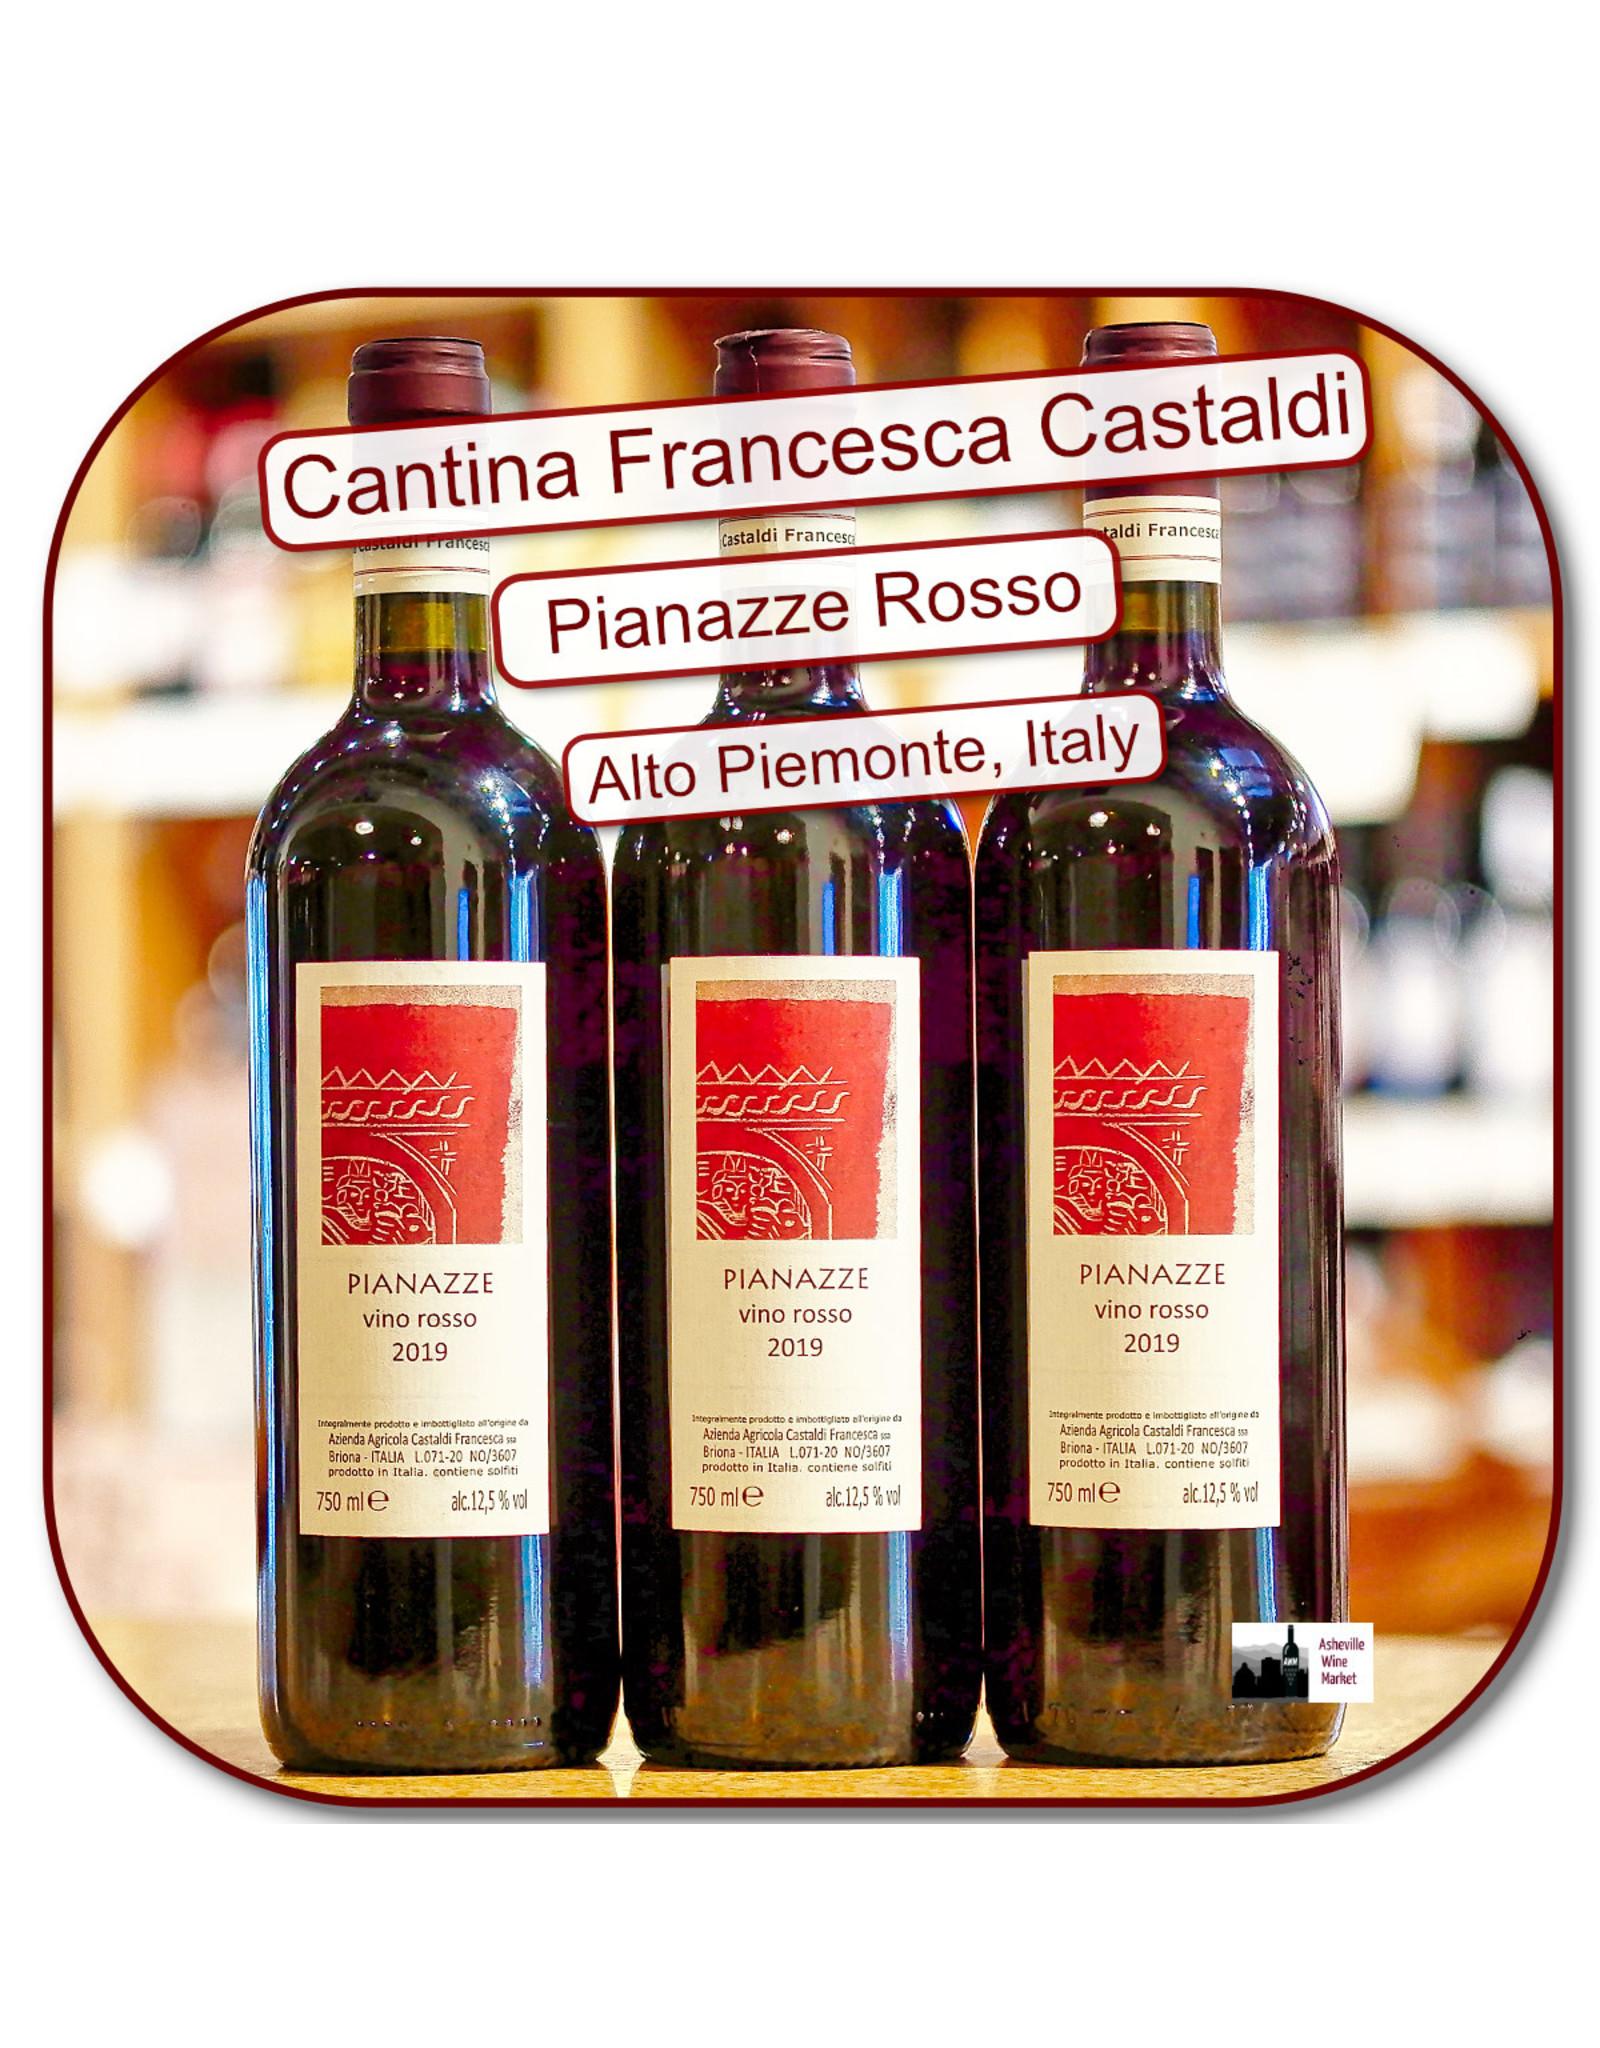 Nebbiolo Francesca Castaldi Pianazze Rosso 19